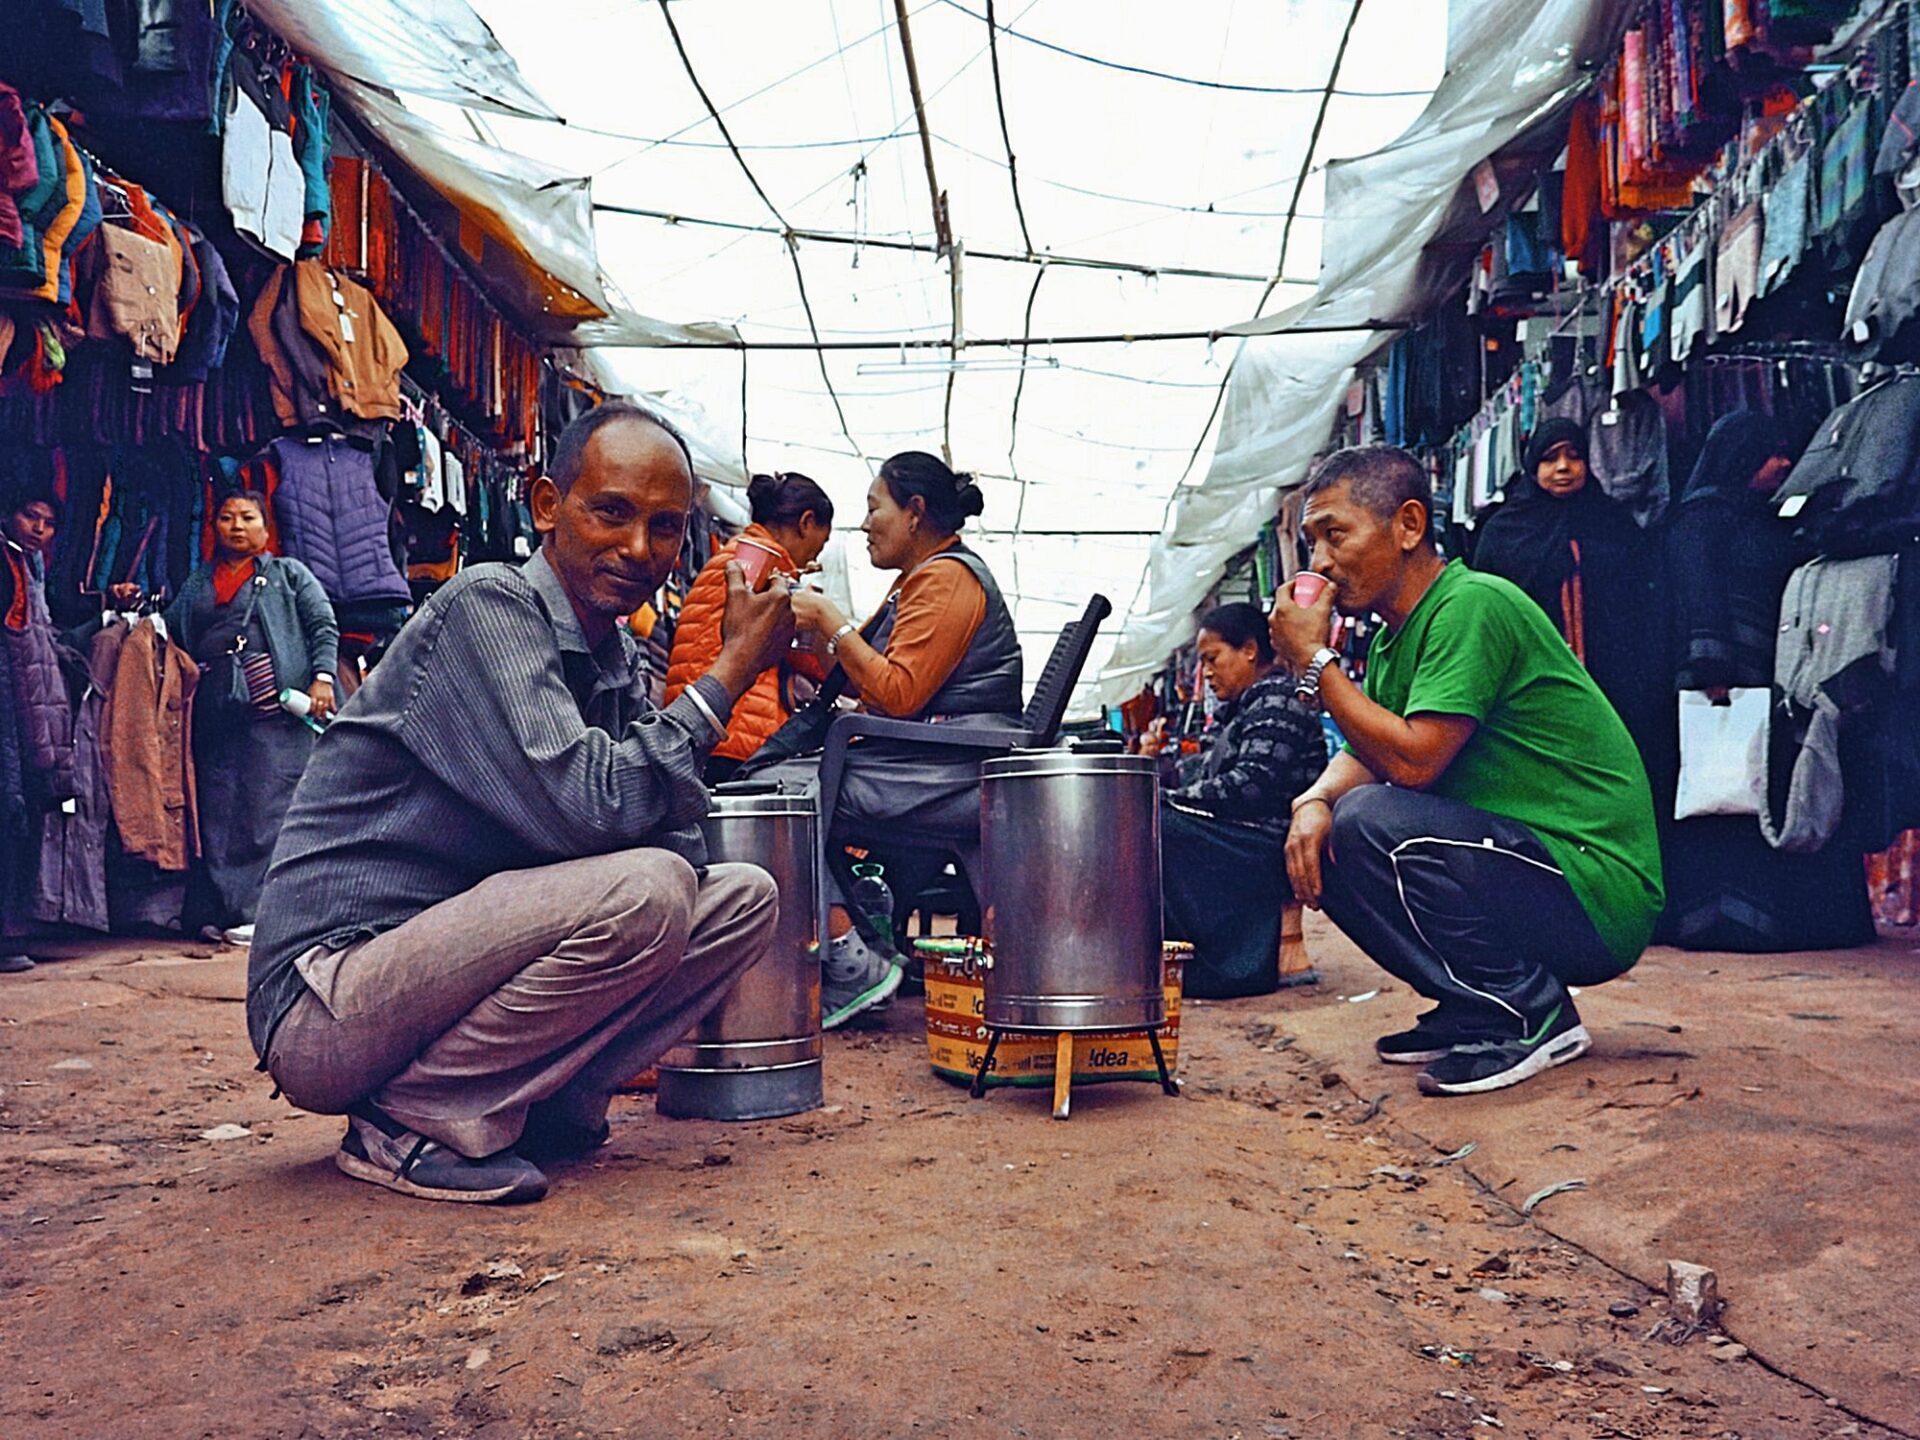 群組的力量:印度疫情裡的流亡圖博(Tibet)社群